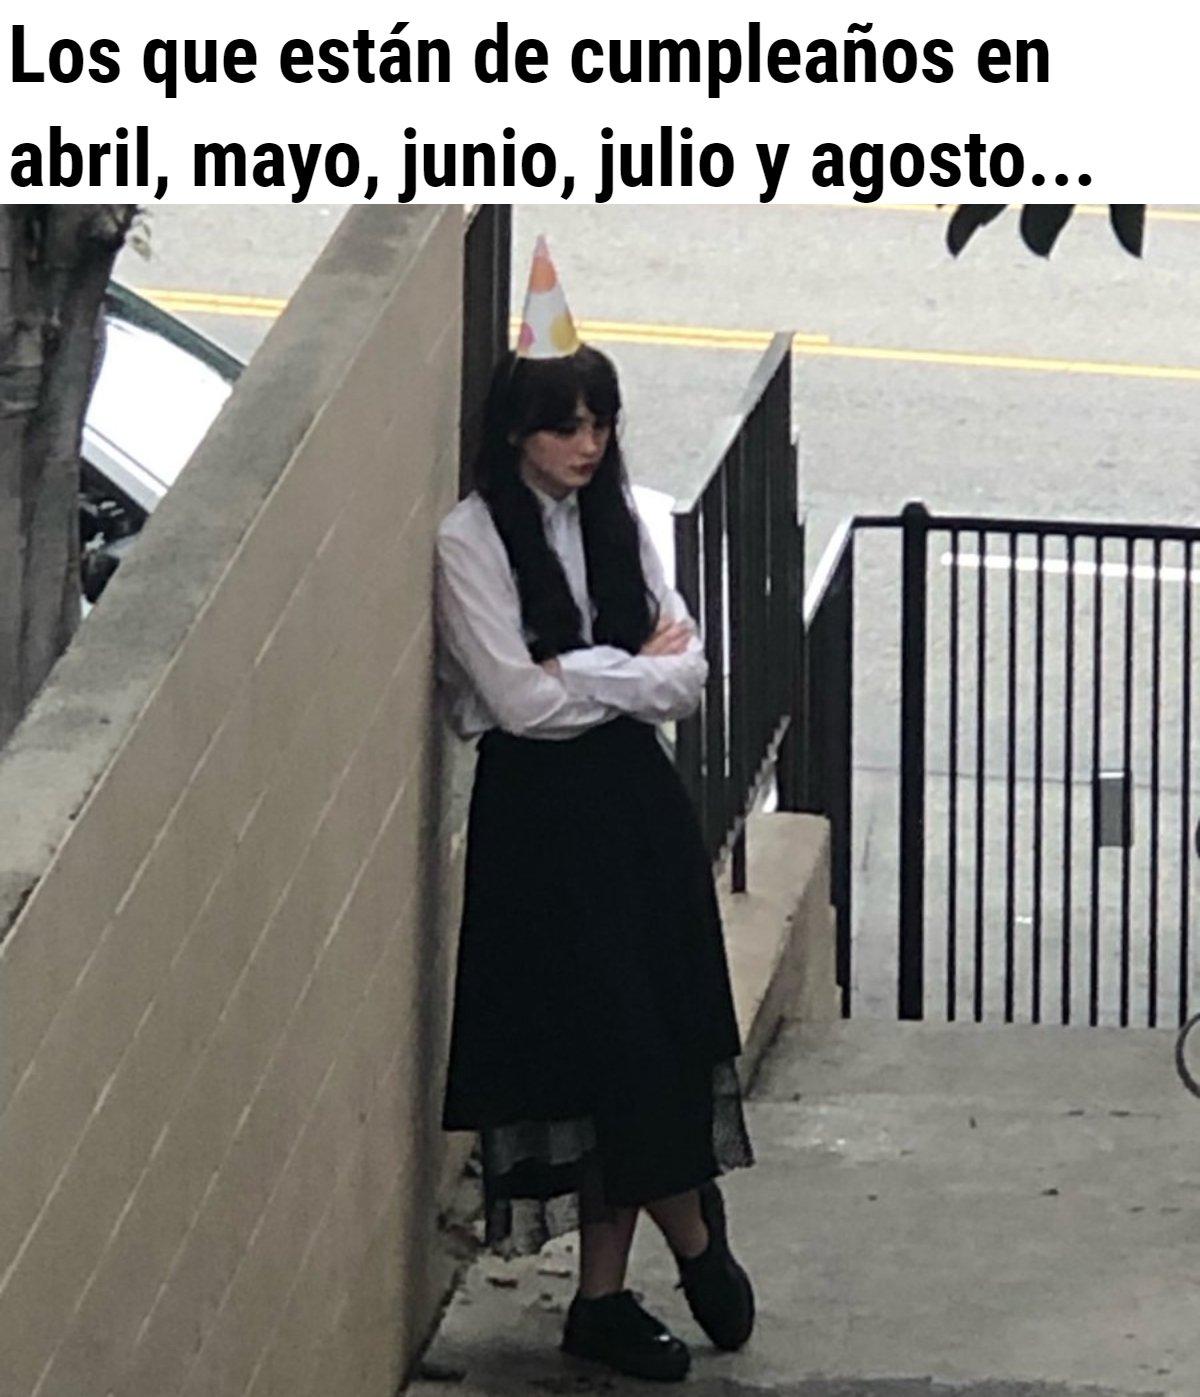 21 Memes Para Quienes Celebraran Su Cumpleanos En Cuarentena